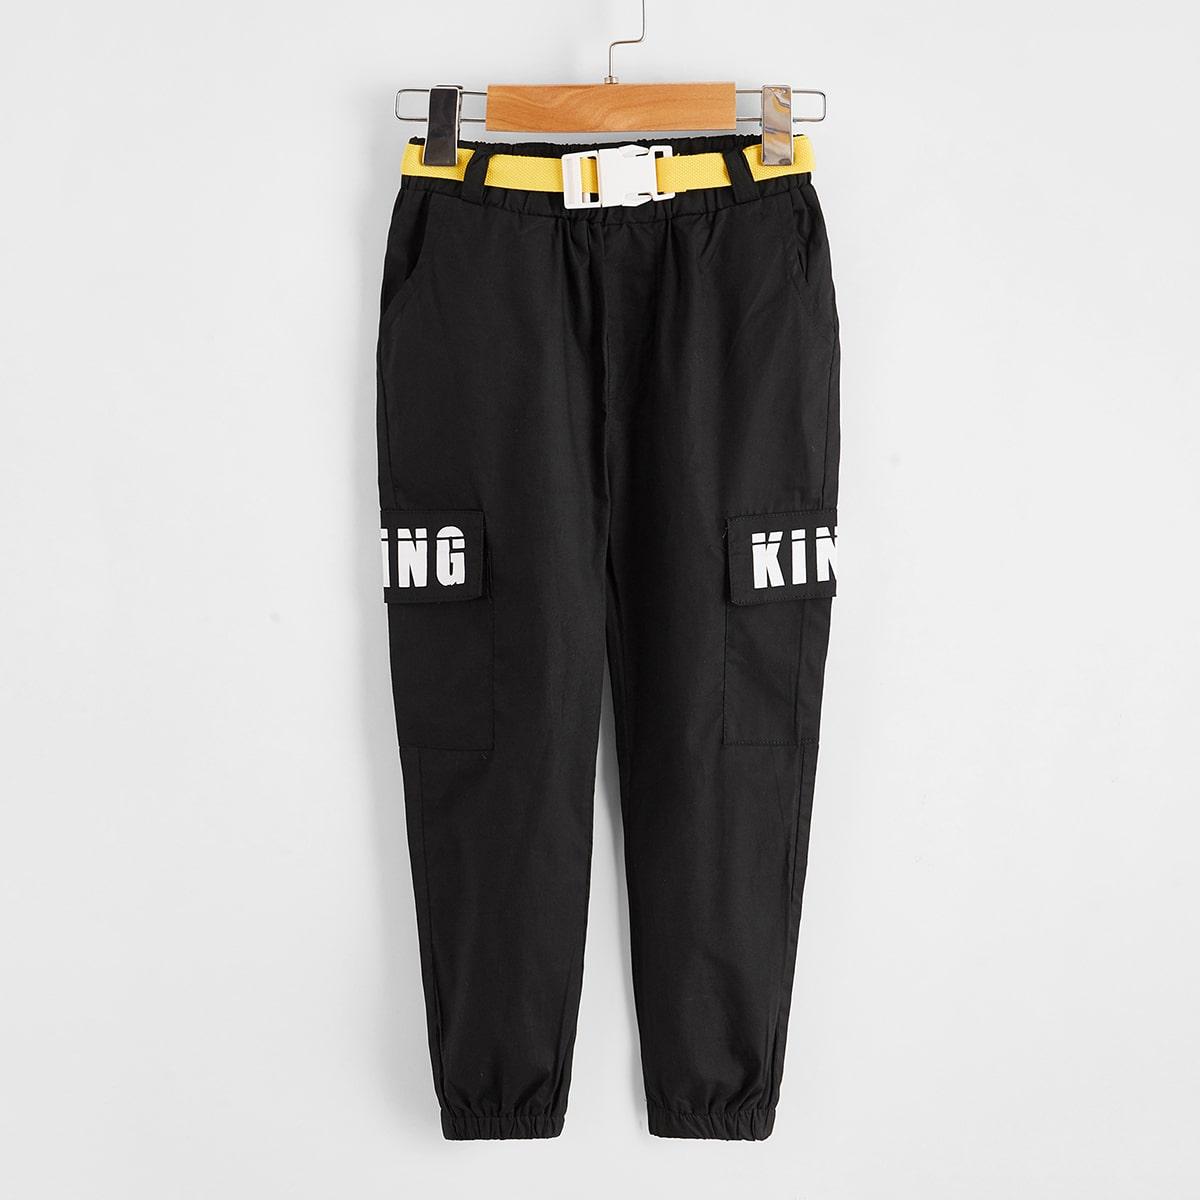 Карман буква повседневный брюки для мальчиков